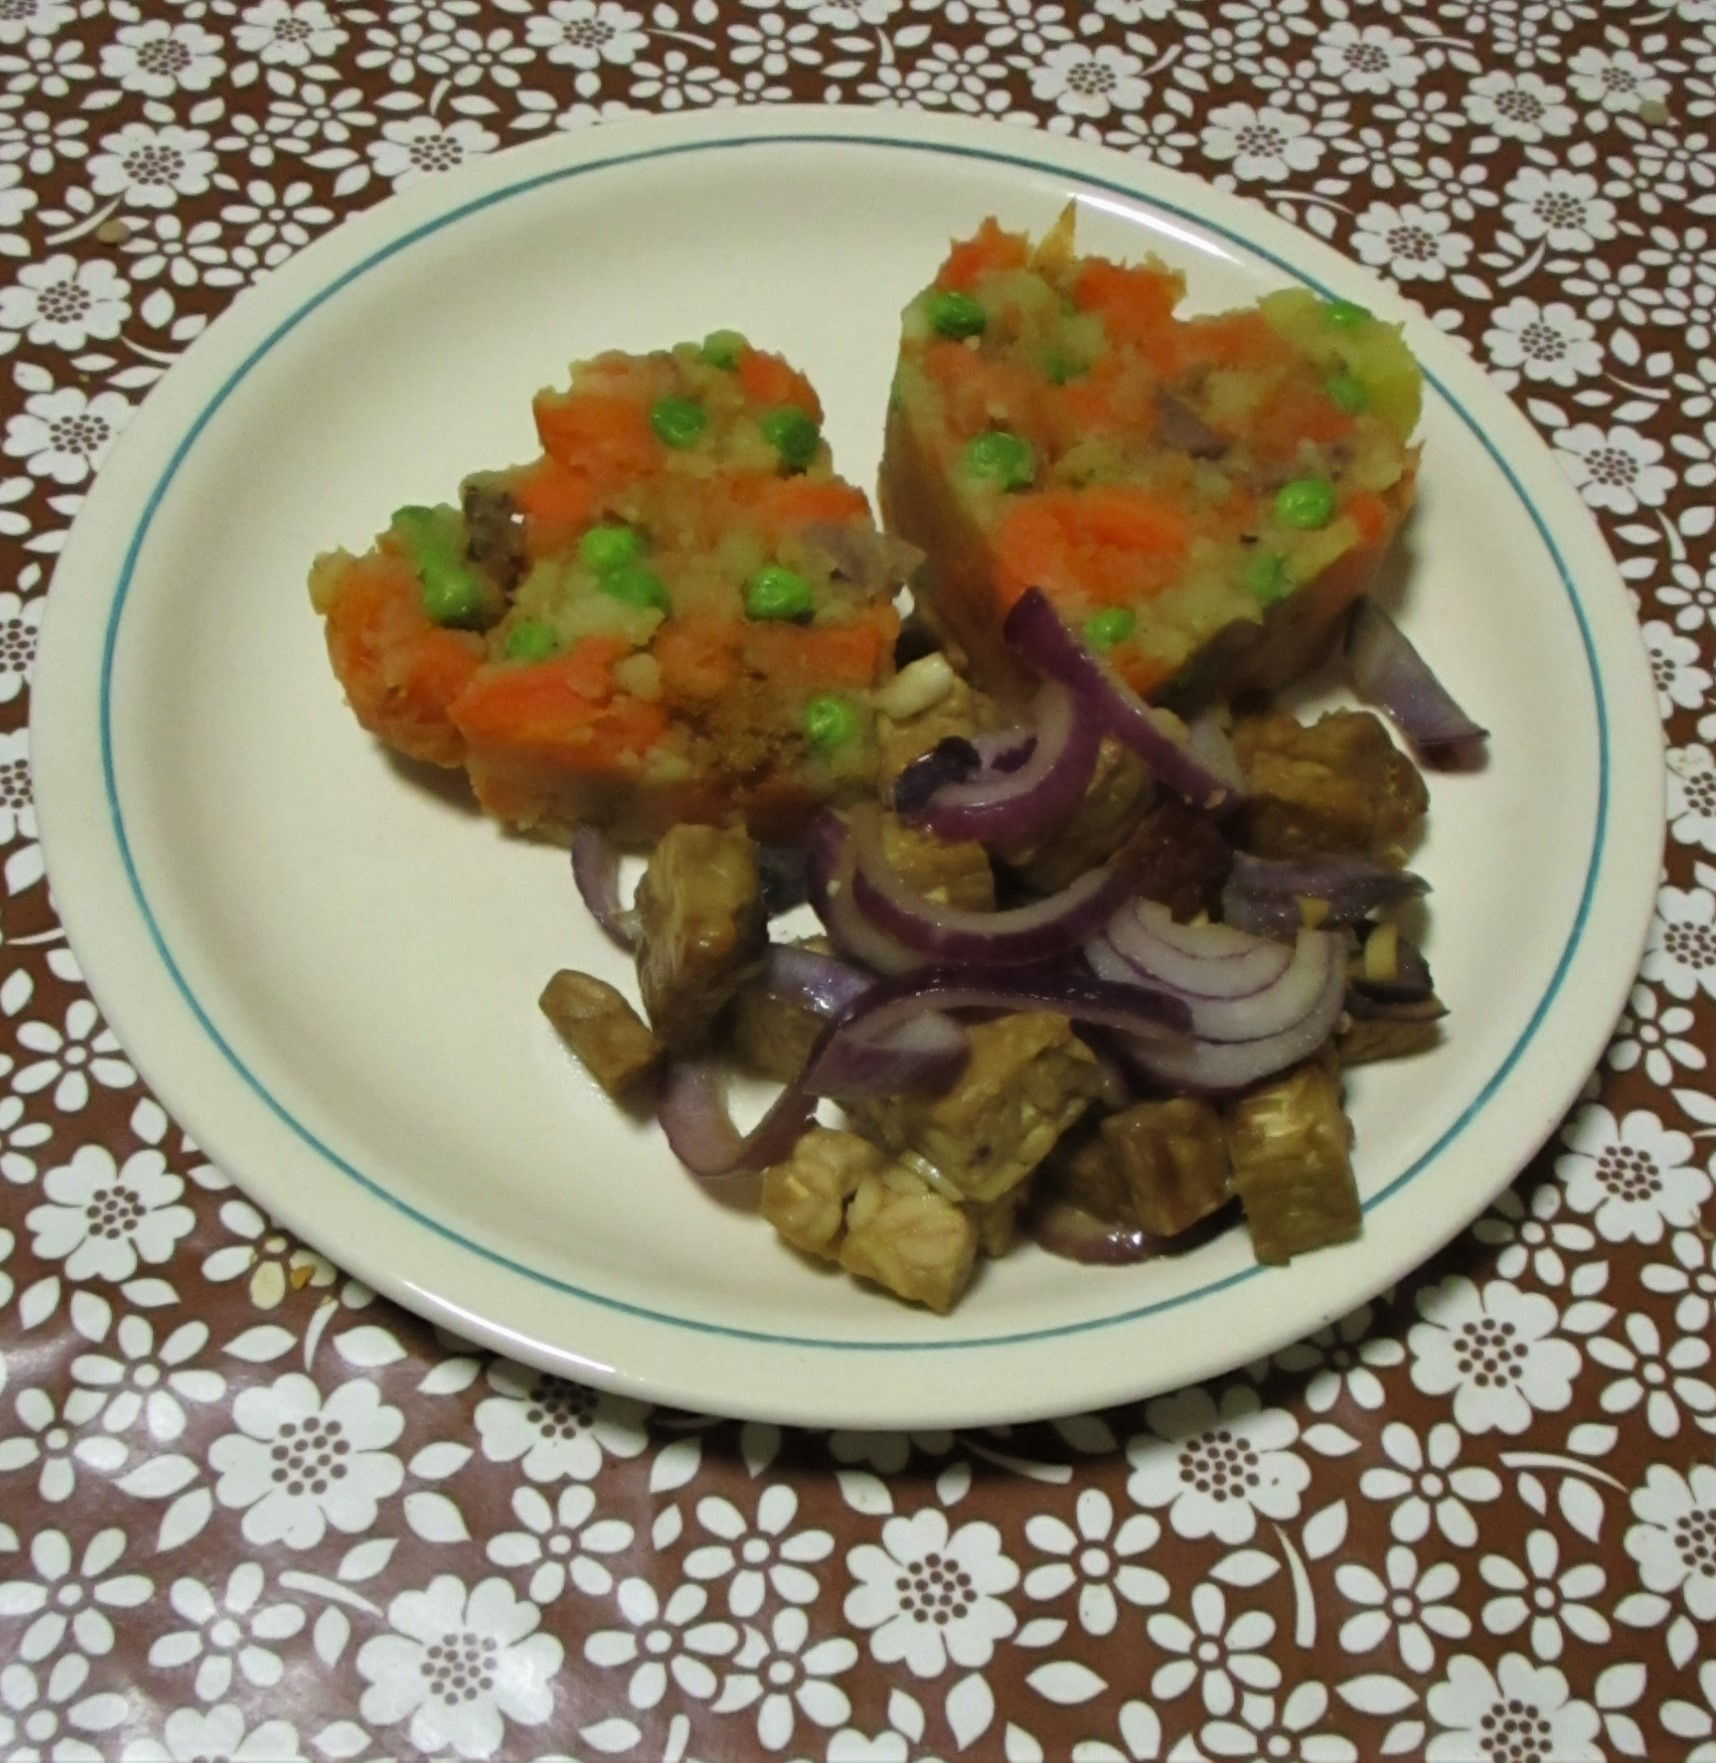 wortelpuree met erwtjes vegan veganistisch tempeh suikervrij e-nummervrij rotzooivrij